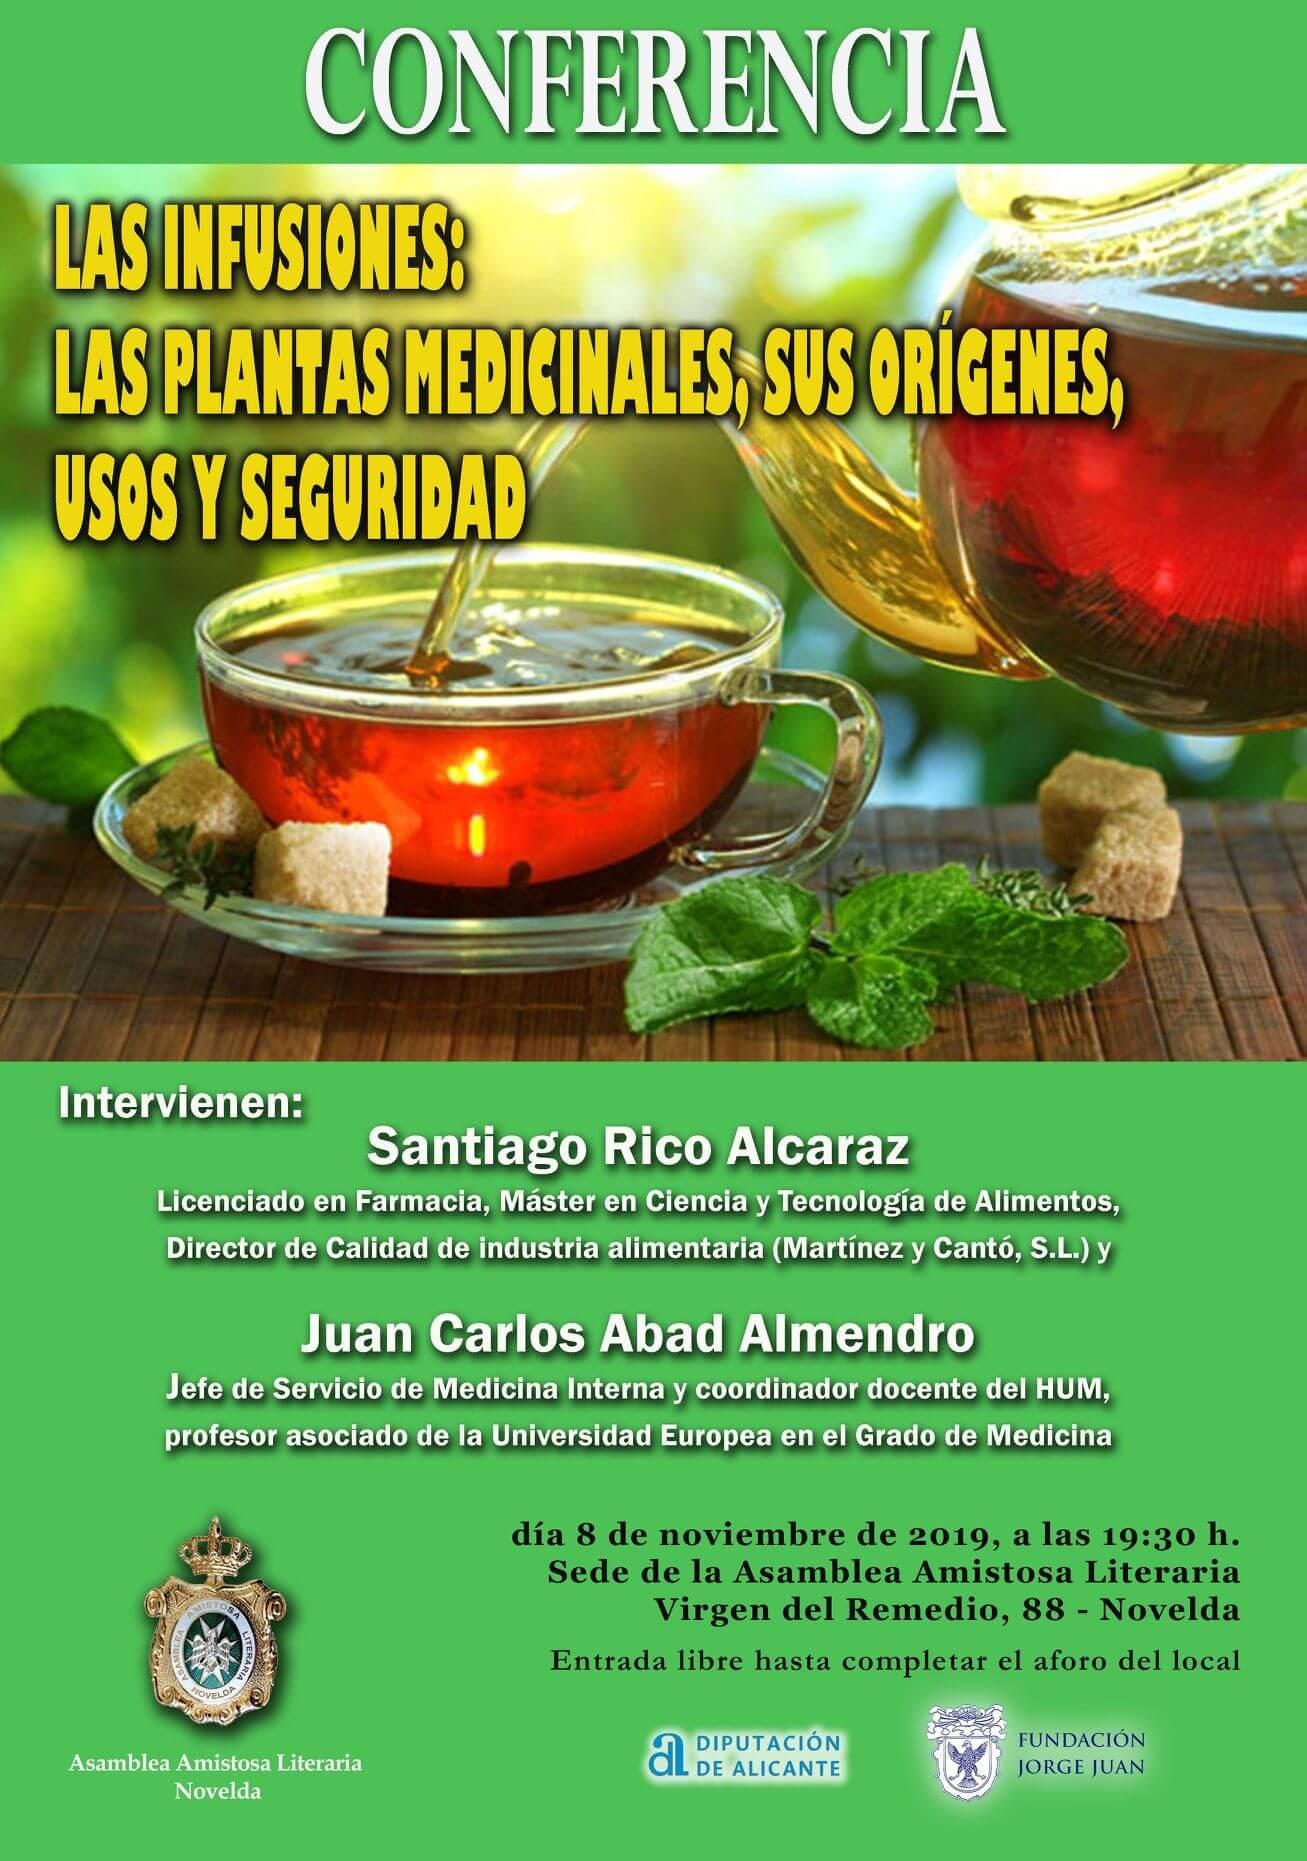 Las infusiones: plantas medicinales, sus orígenes, usos y seguridad